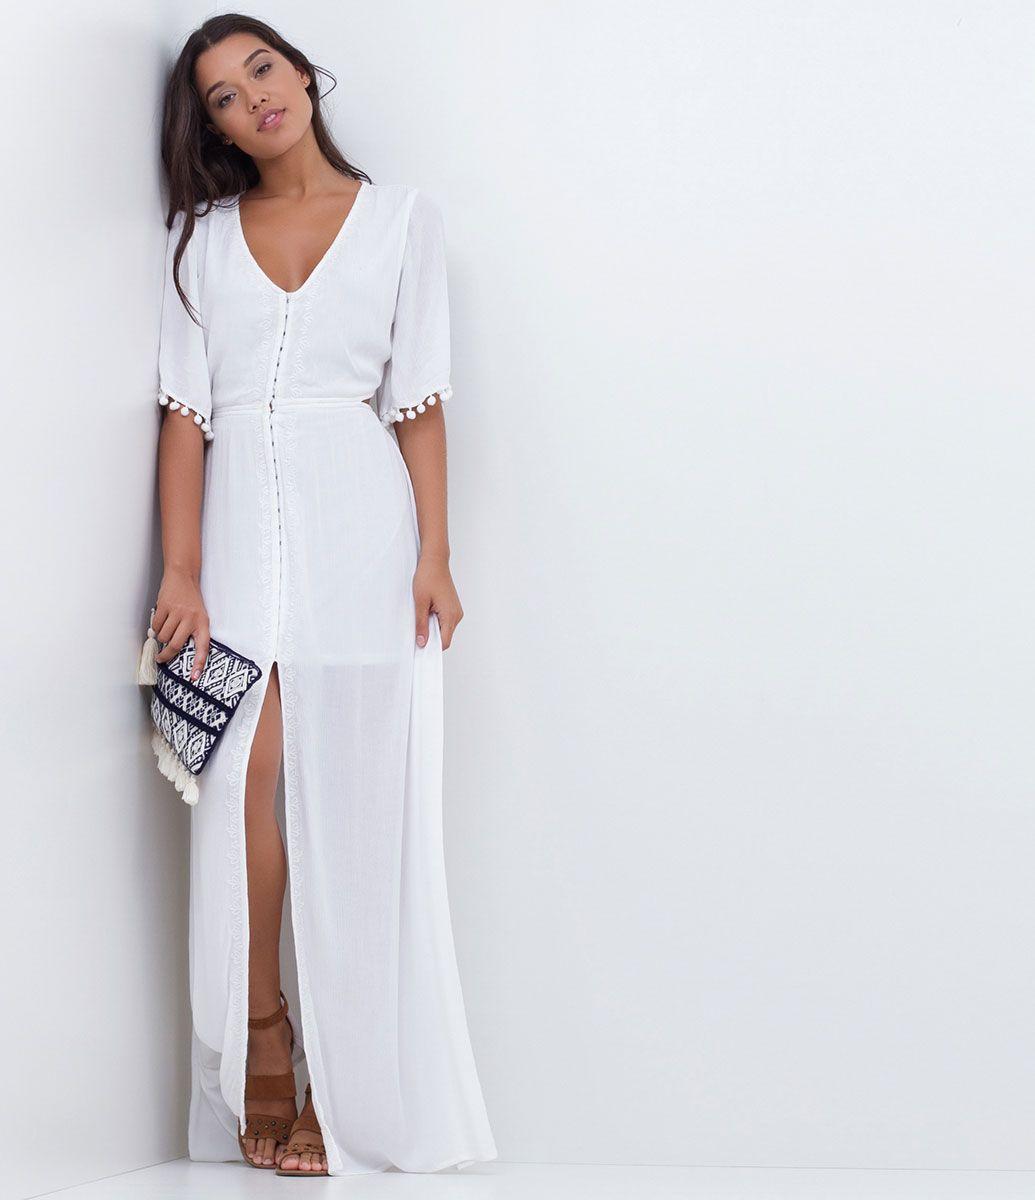 decff3d38a Vestido feminino Modelo longo Sem mangas Com recortes Com bordado Marca   Blue Steel Tecido  viscose Composição  100% viscose Composição do detalhe   100% ...